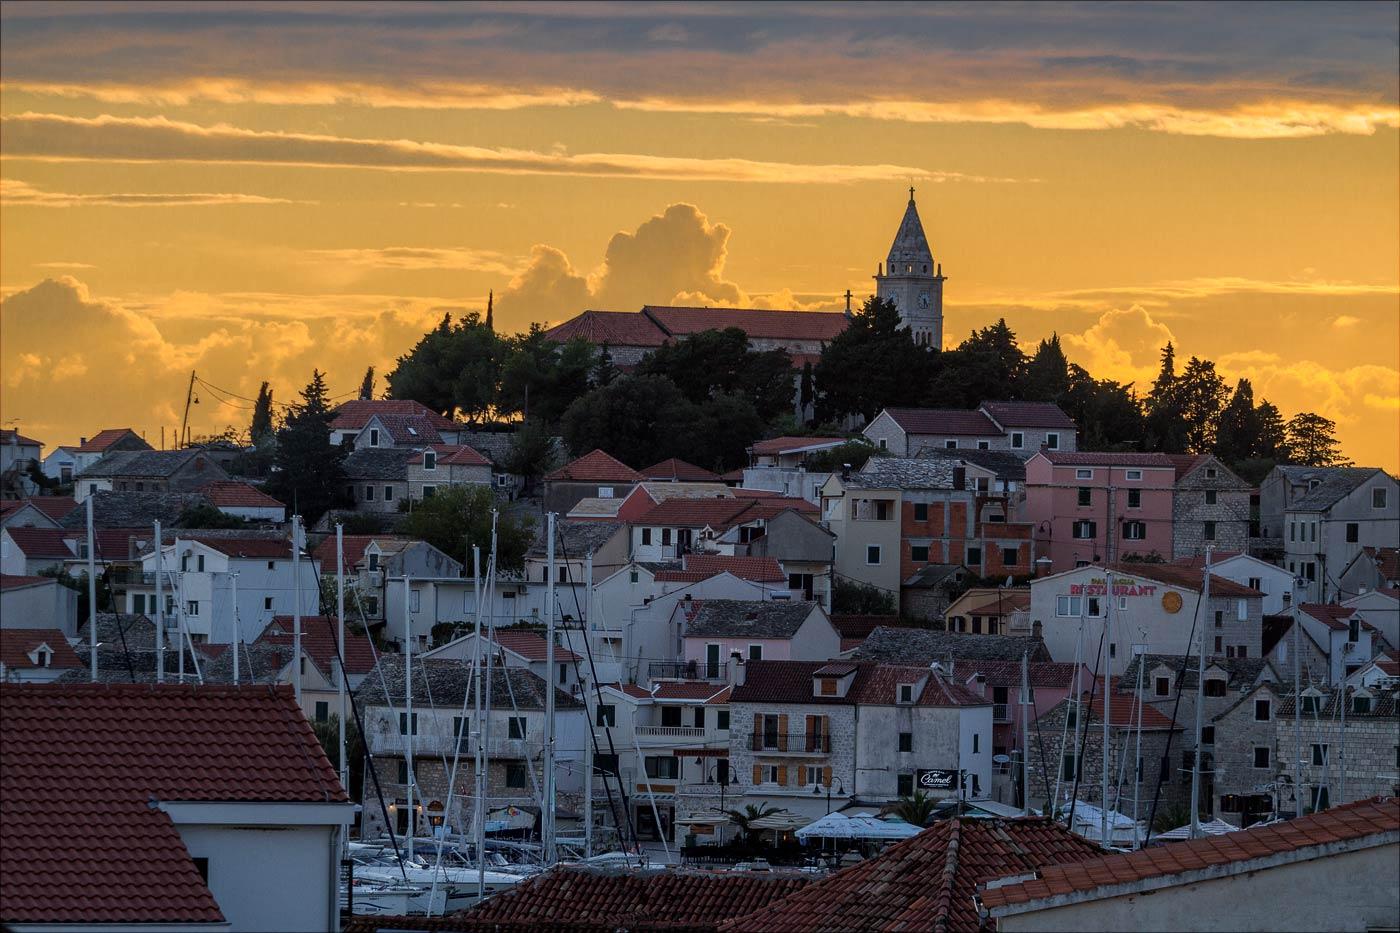 Закат в Примоштене, Хорватия